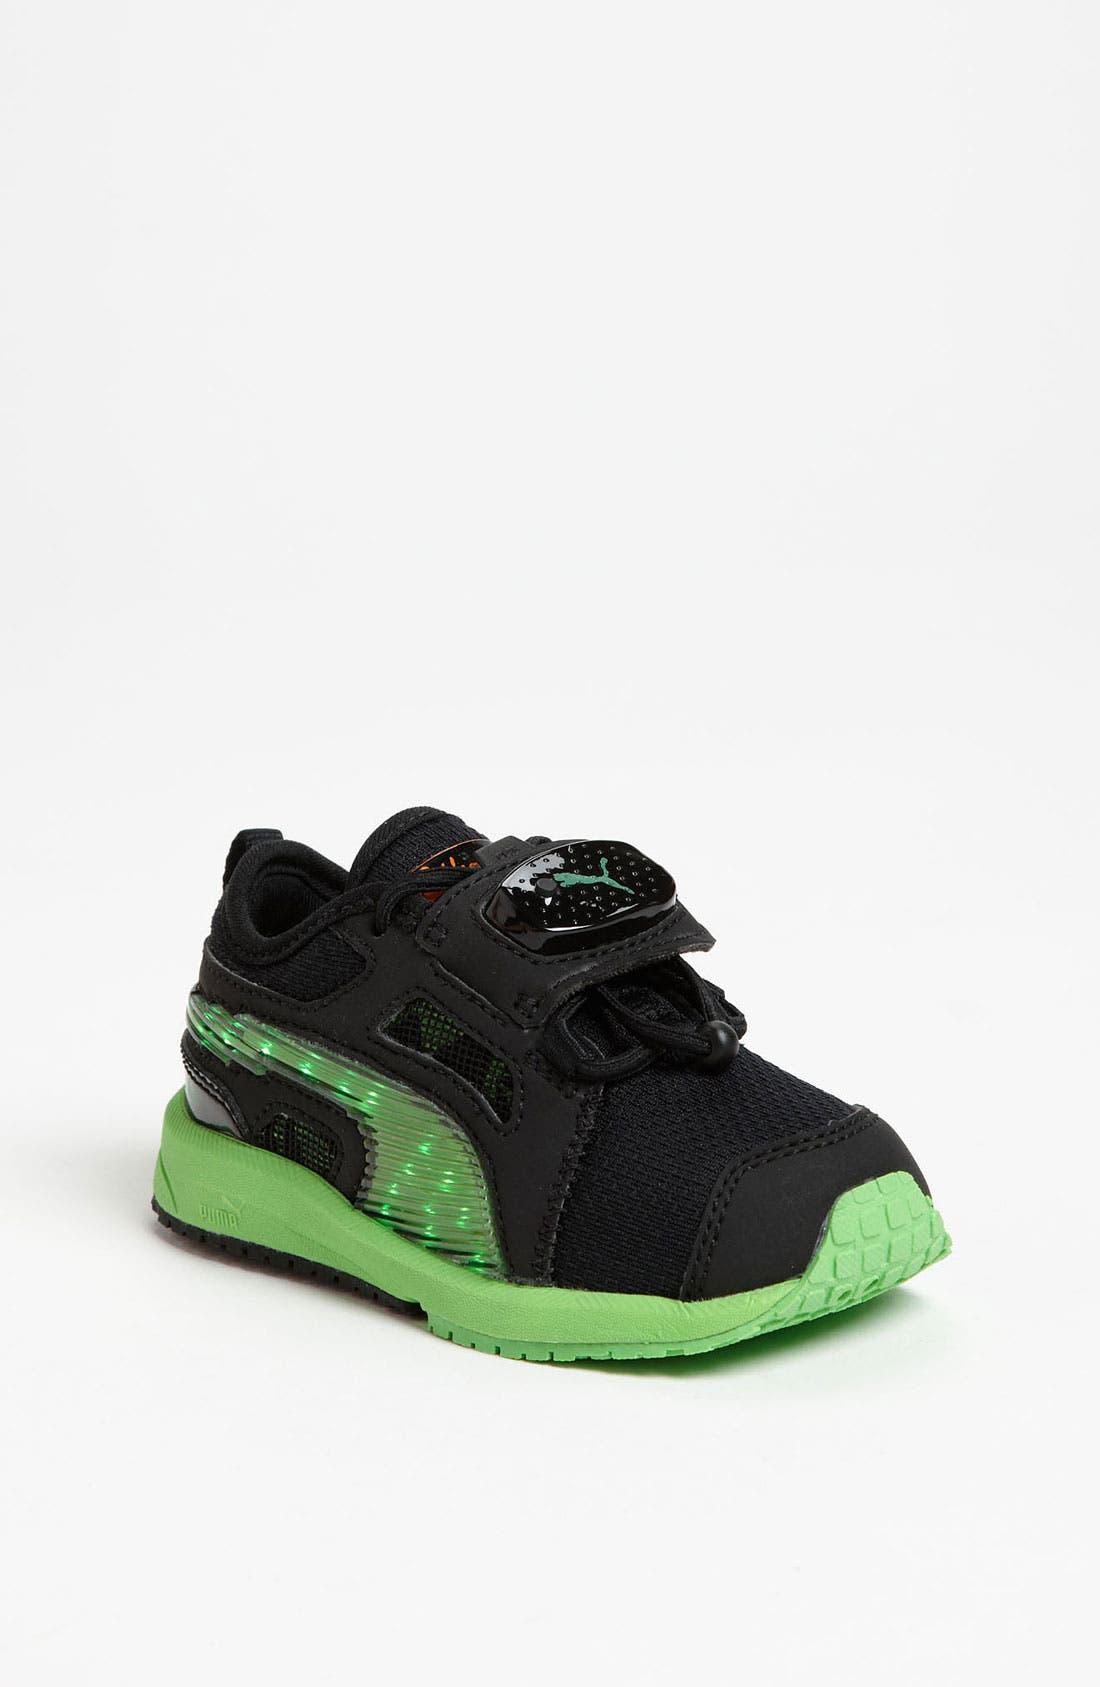 Main Image - PUMA 'Bolt evoSPEEDOMETER V' Sneaker (Baby, Walker & Toddler)